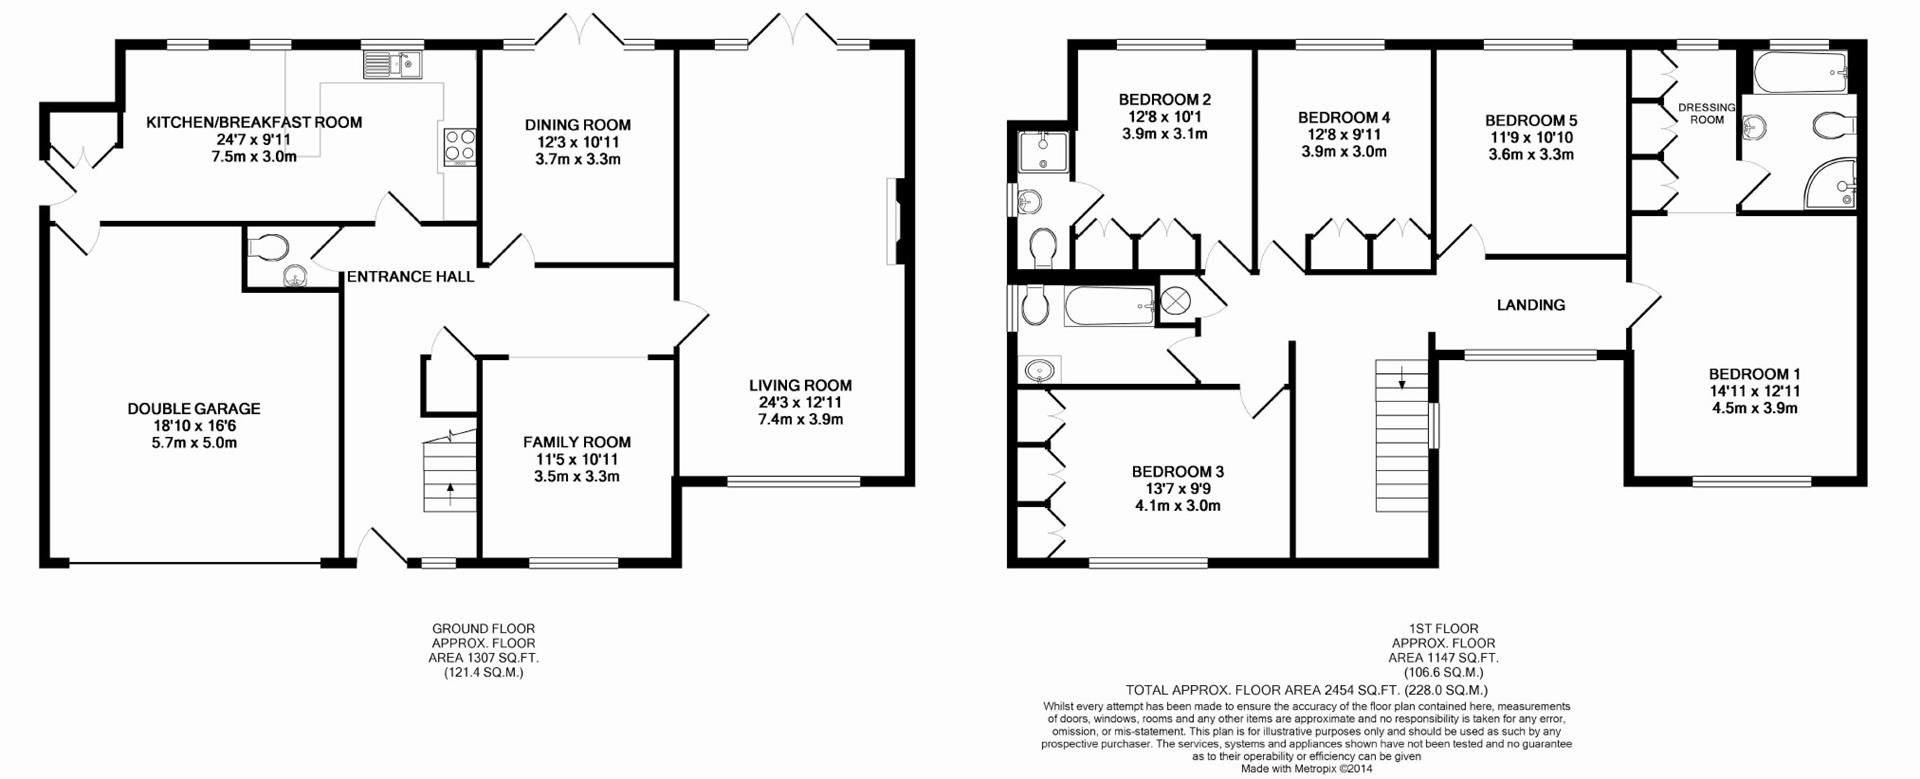 Cheapside lane denham ub9 5 bedroom detached house for for 16 brookers lane floor plans